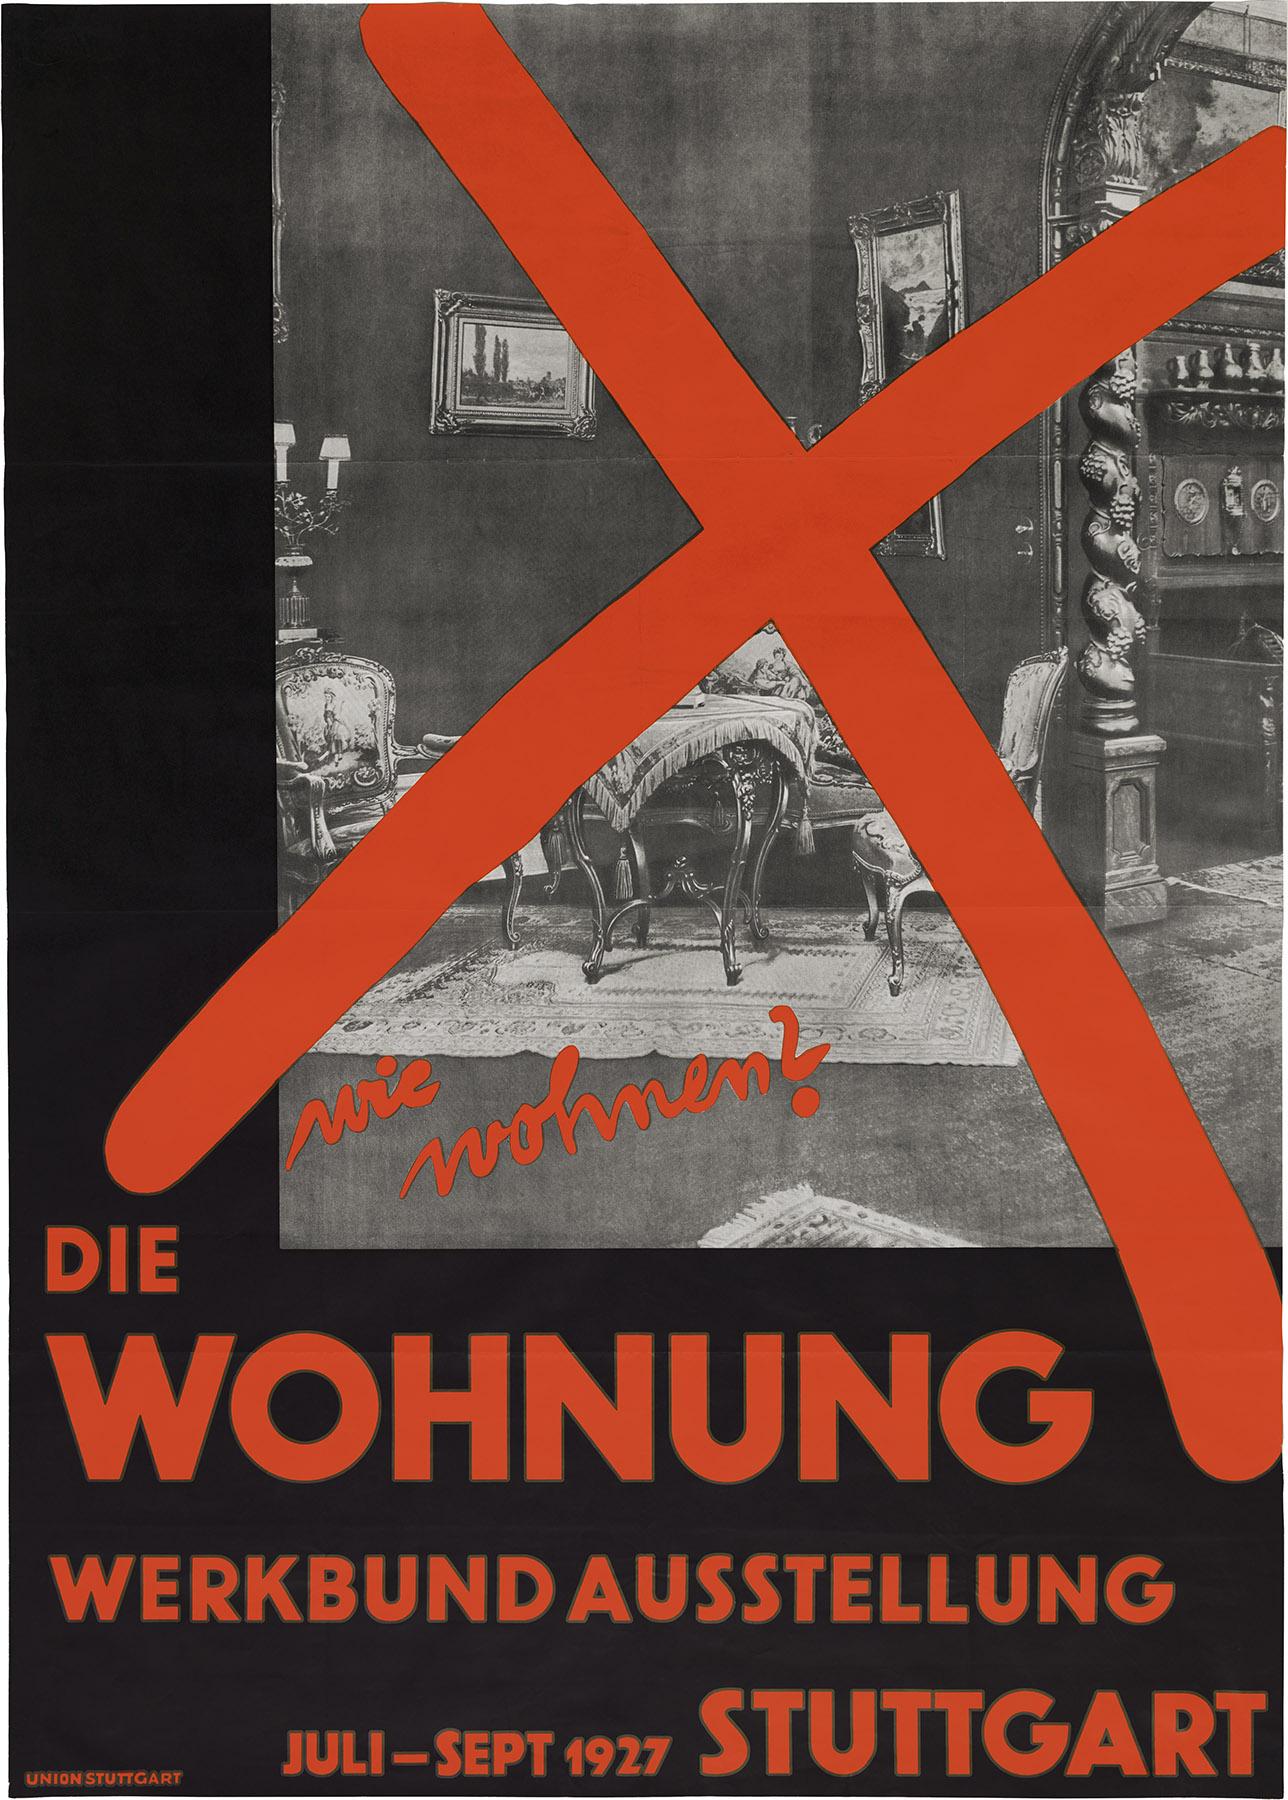 Plakat von Willi Baumeister zur Werkbundausstellung in Stuttgart 1927 (Bild: CC BY-NC-SA 3.0, Willi Baumeister Stiftung)